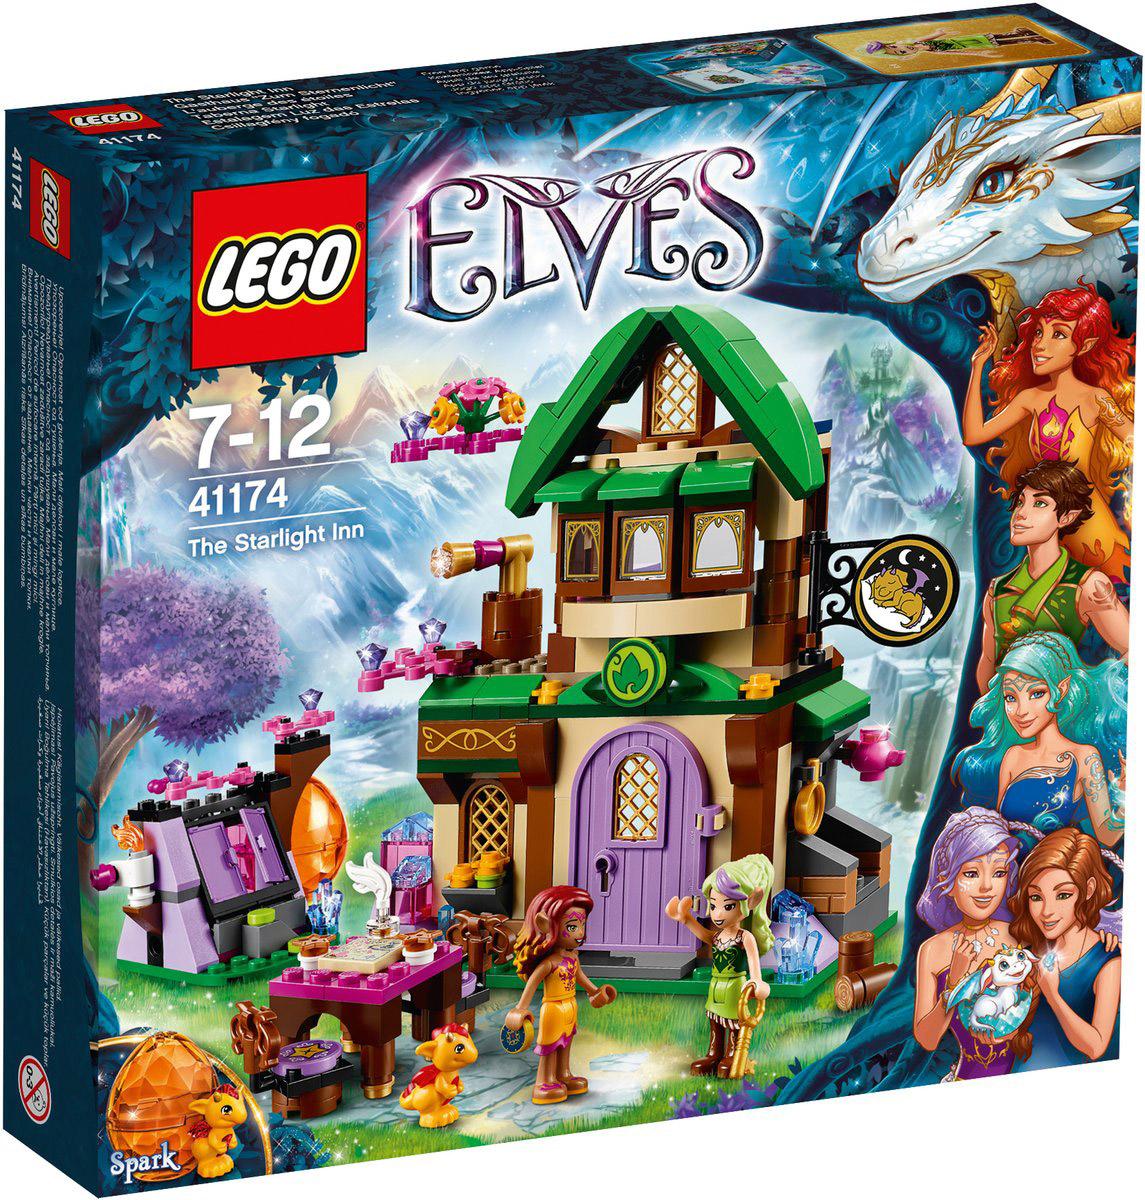 LEGO Elves Конструктор Отель Звездный свет 4117441174Отправляйтесь вместе с эльфом огня Азари по прозвищу Танец Огня и Спарком, детенышем огненного дракона, в Отель Звездный свет! Познакомьтесь с Сирой Медной ветвью, небесным капитаном, которая управляет отелем, и осмотритесь внутри. Прежде чем выпить чаю и узнать больше об отеле и Небесном капитане, удобно устройте яйцо Спарка в подвале. Спрячьте Спарка в его яйцо, а затем хорошенько выспитесь, чтобы подготовиться к очередным приключениям в Эльфендейле! Набор включает в себя 343 разноцветных пластиковых элемента. Конструктор - это один из самых увлекательных и веселых способов времяпрепровождения. Ребенок сможет часами играть с конструктором, придумывая различные ситуации и истории!